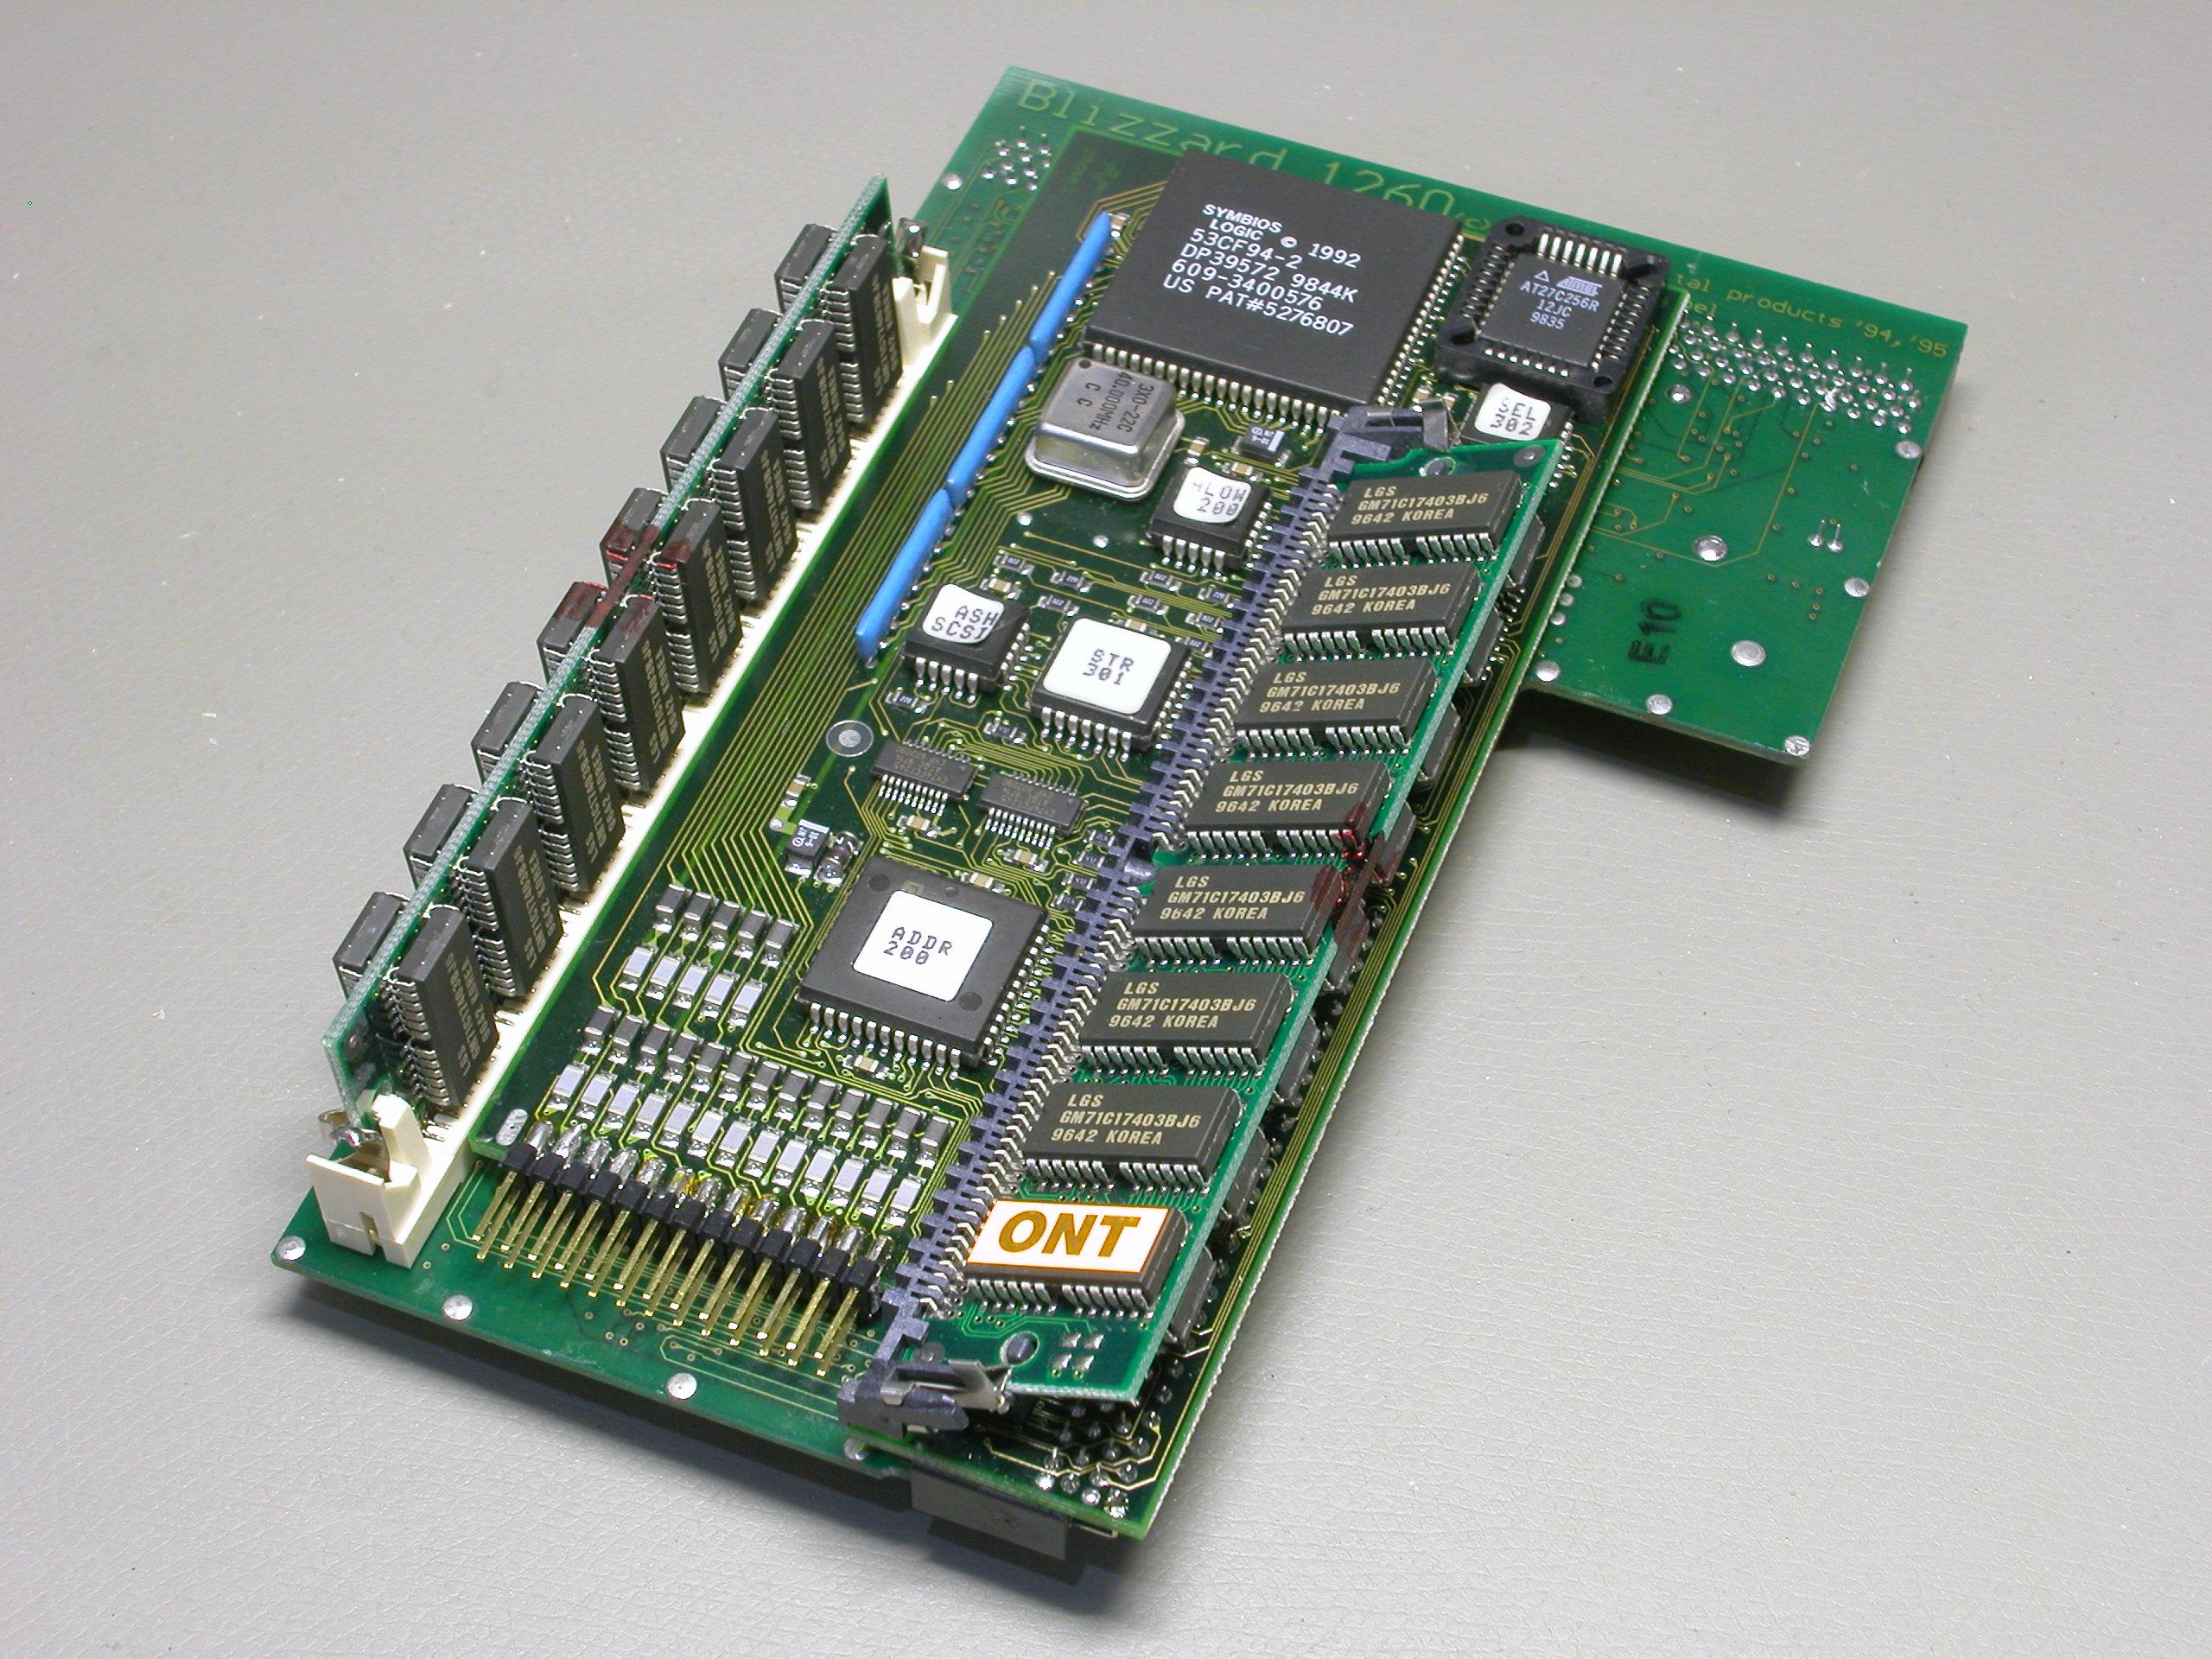 La Blizzard 1260 modifiée avec son kit SCSI.